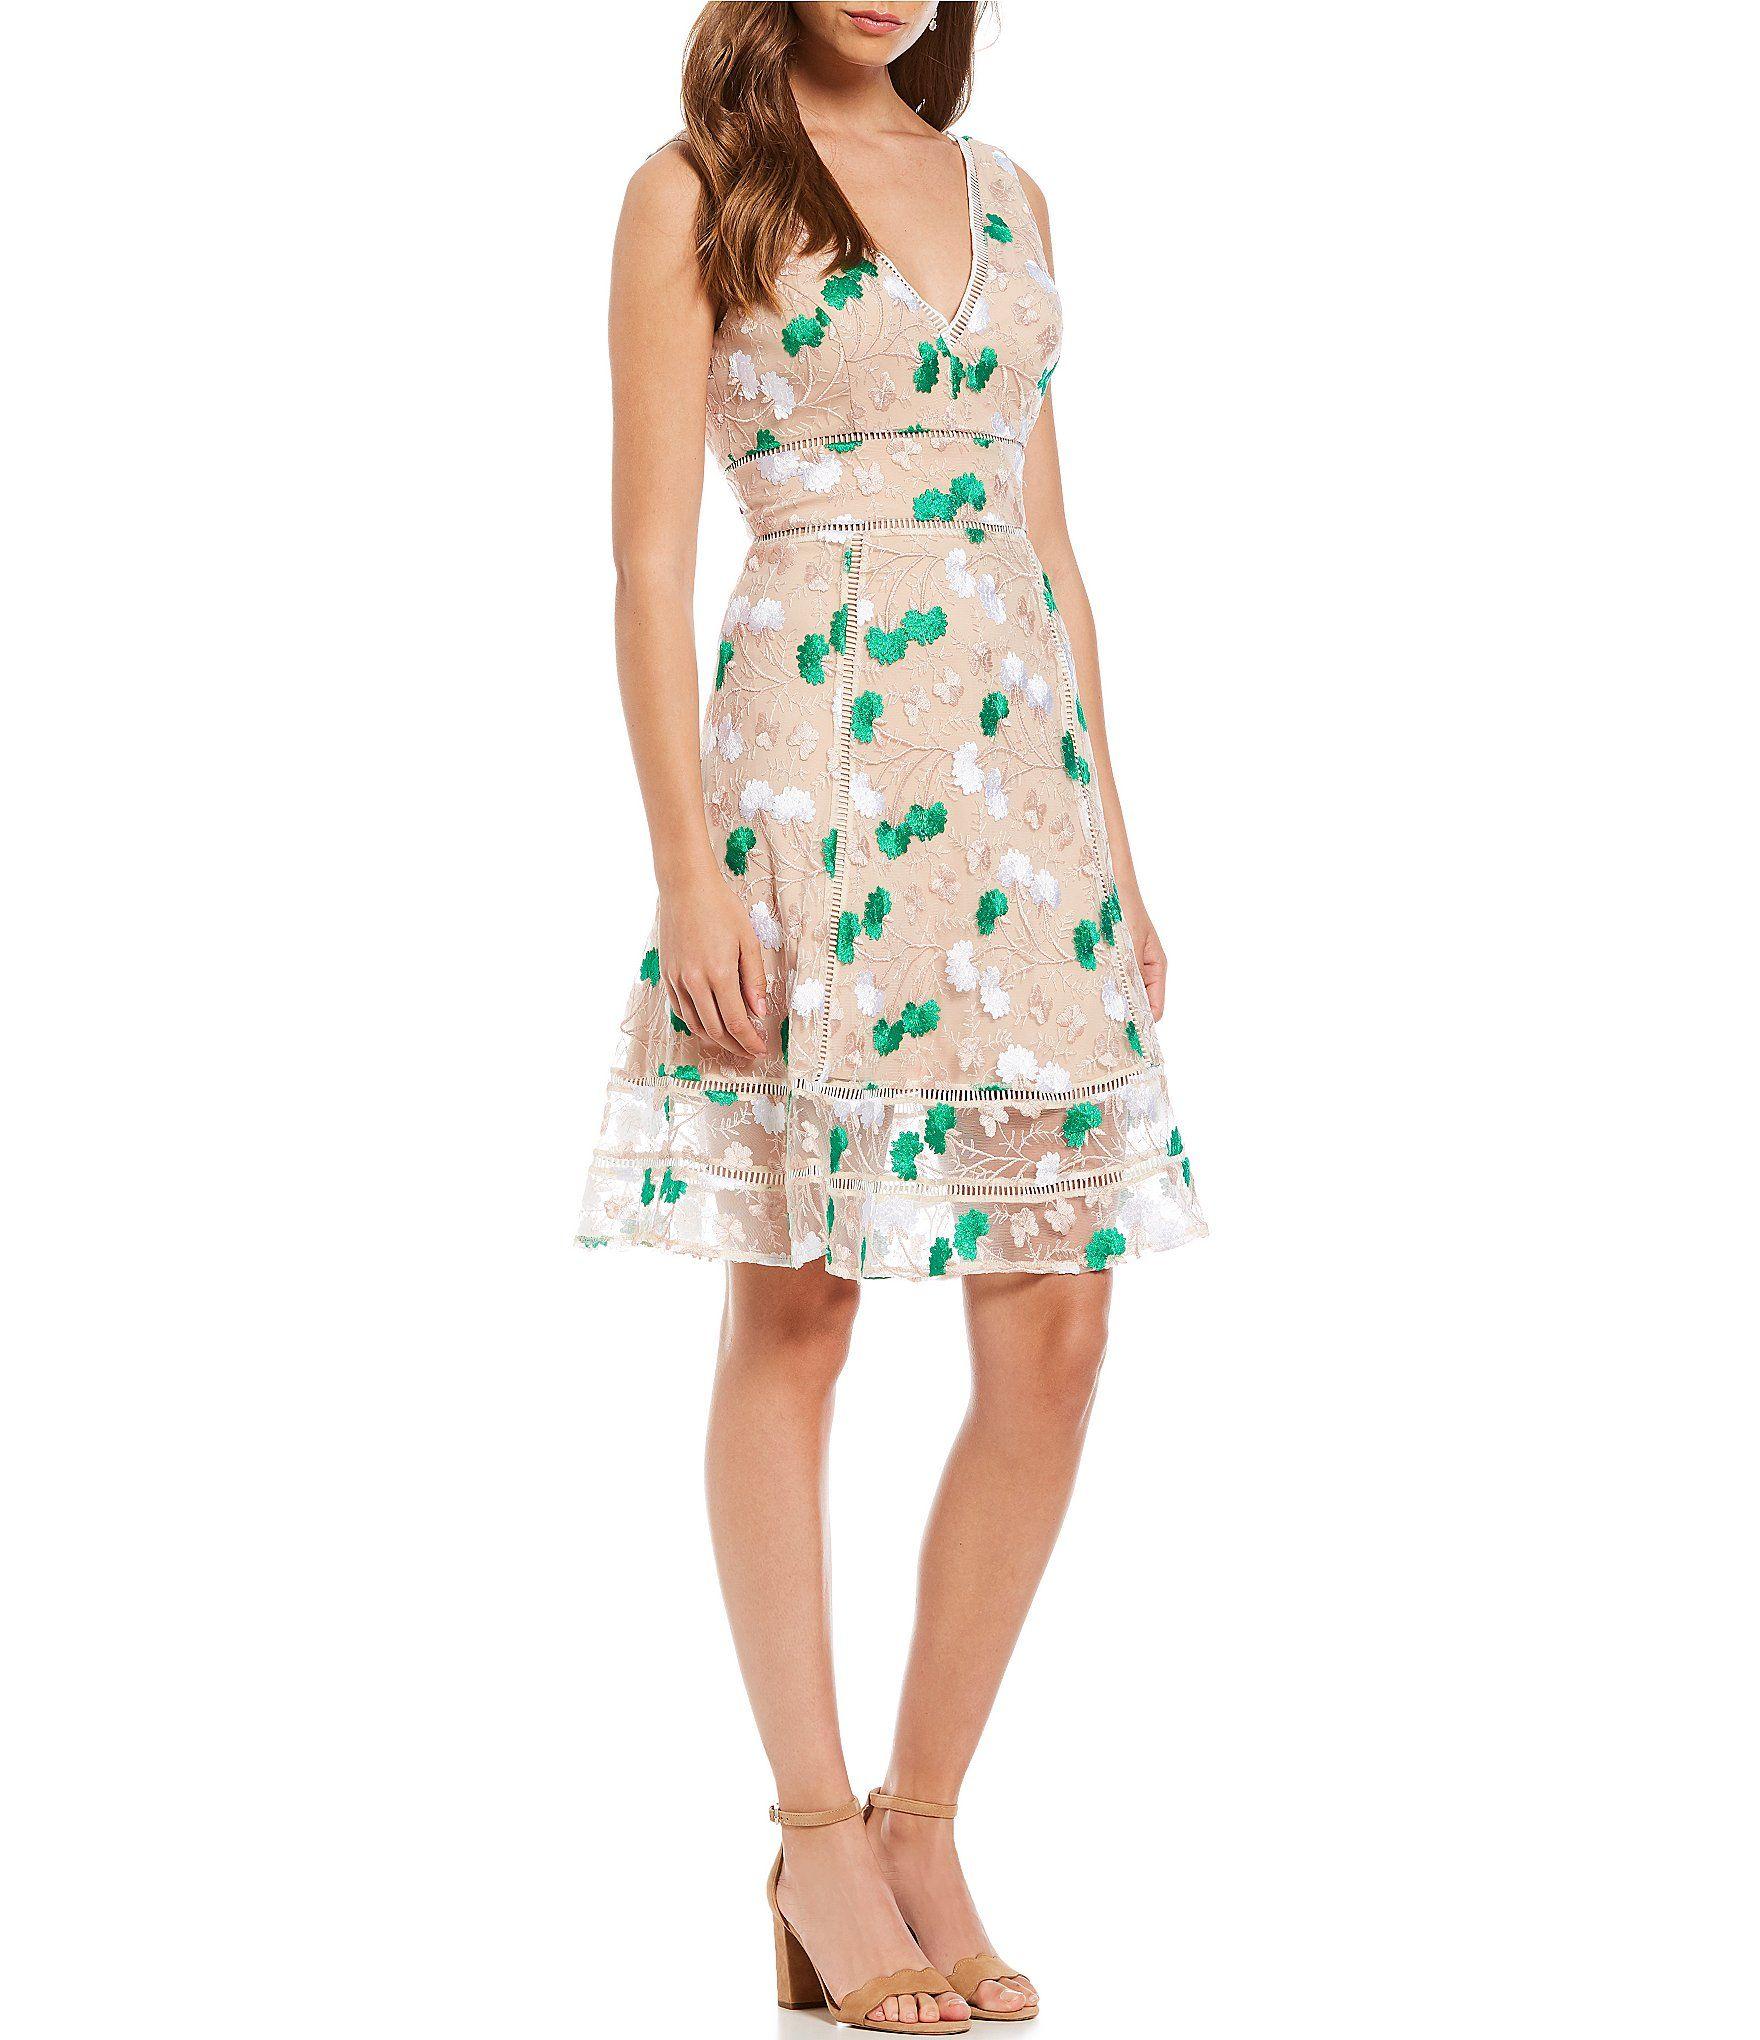 5926385d316 Belle Badgley Mischka Floral Embroidered Trimmed Cocktail Dress  Dillards